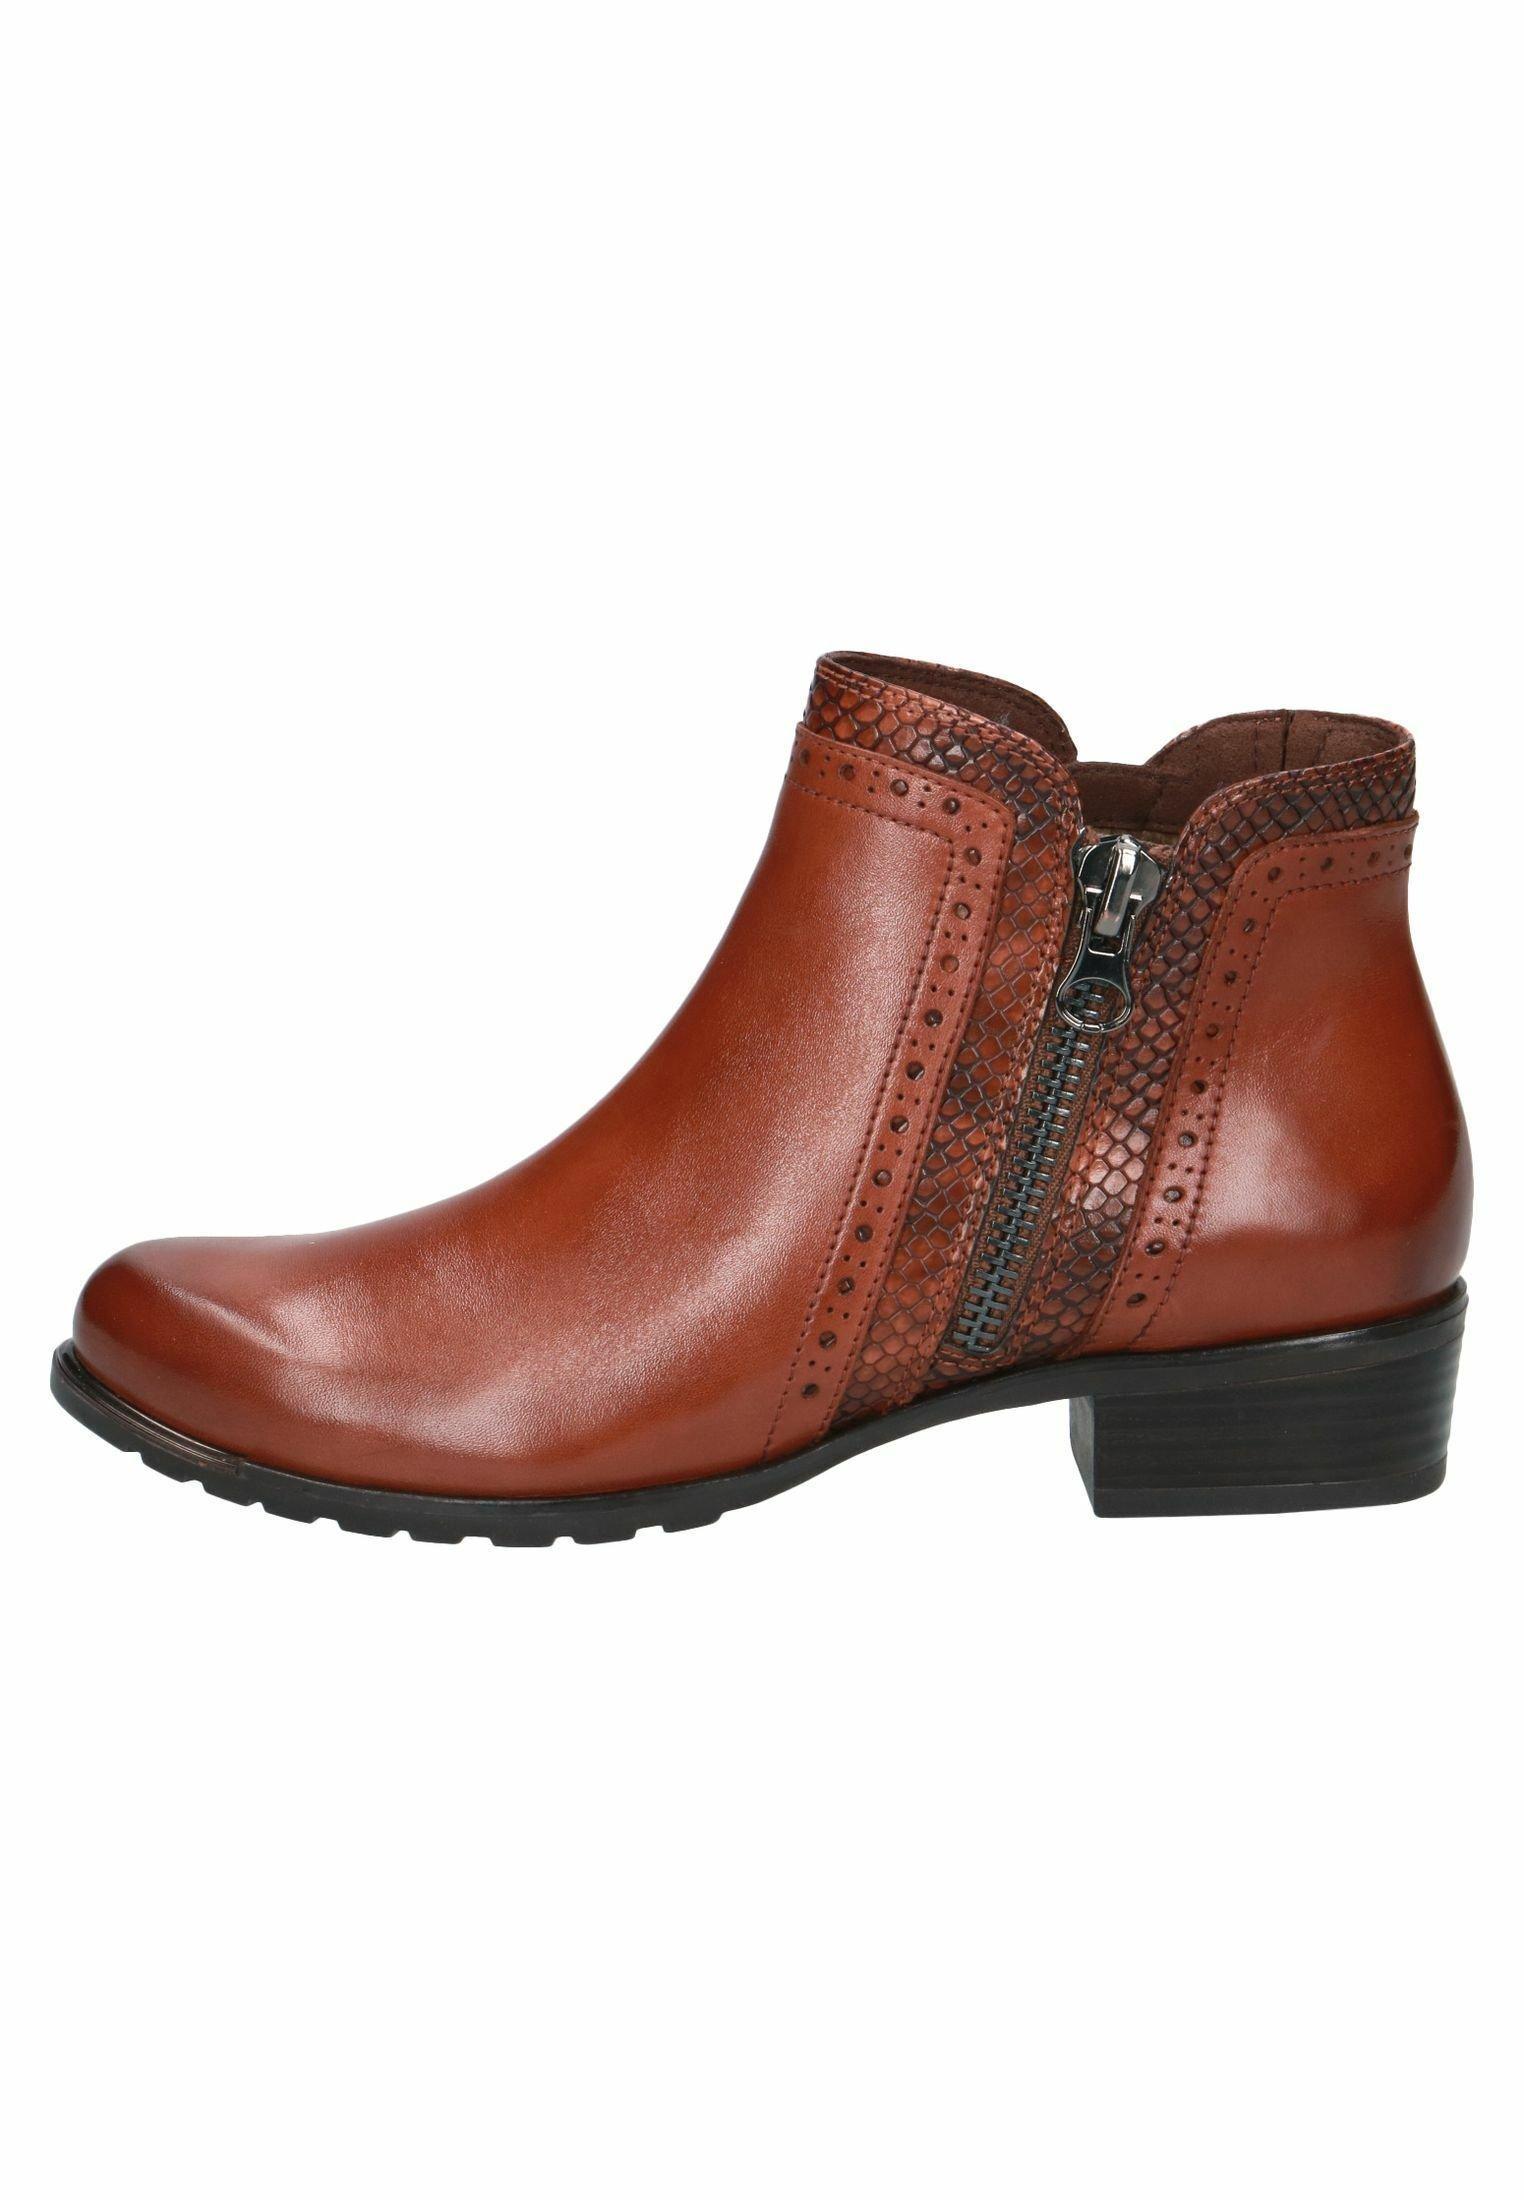 Femme STIEFELETTE - Boots à talons